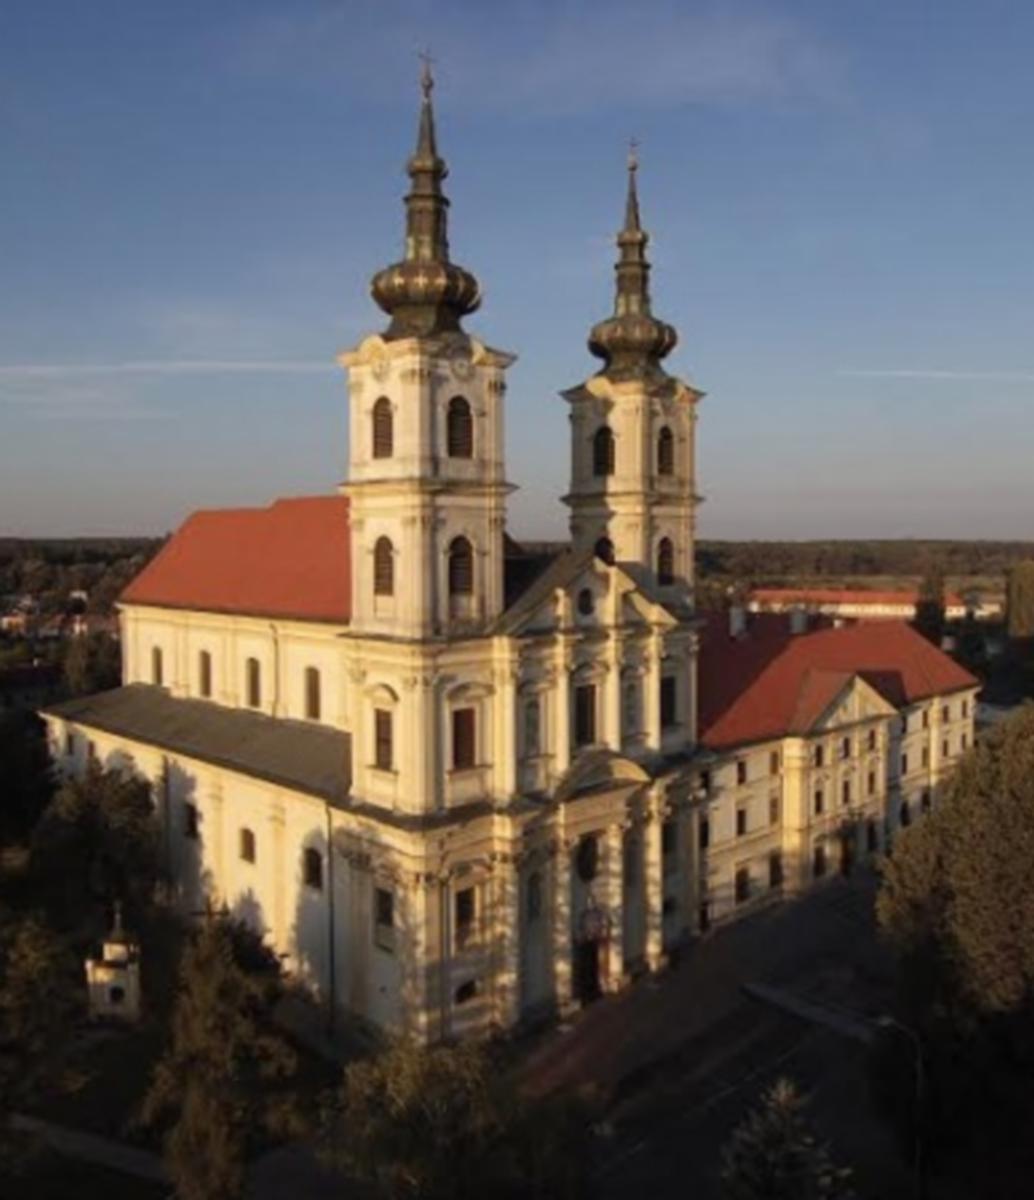 Basilica of Our Lady of Seven Sorrows, Šaštín, Slovakia